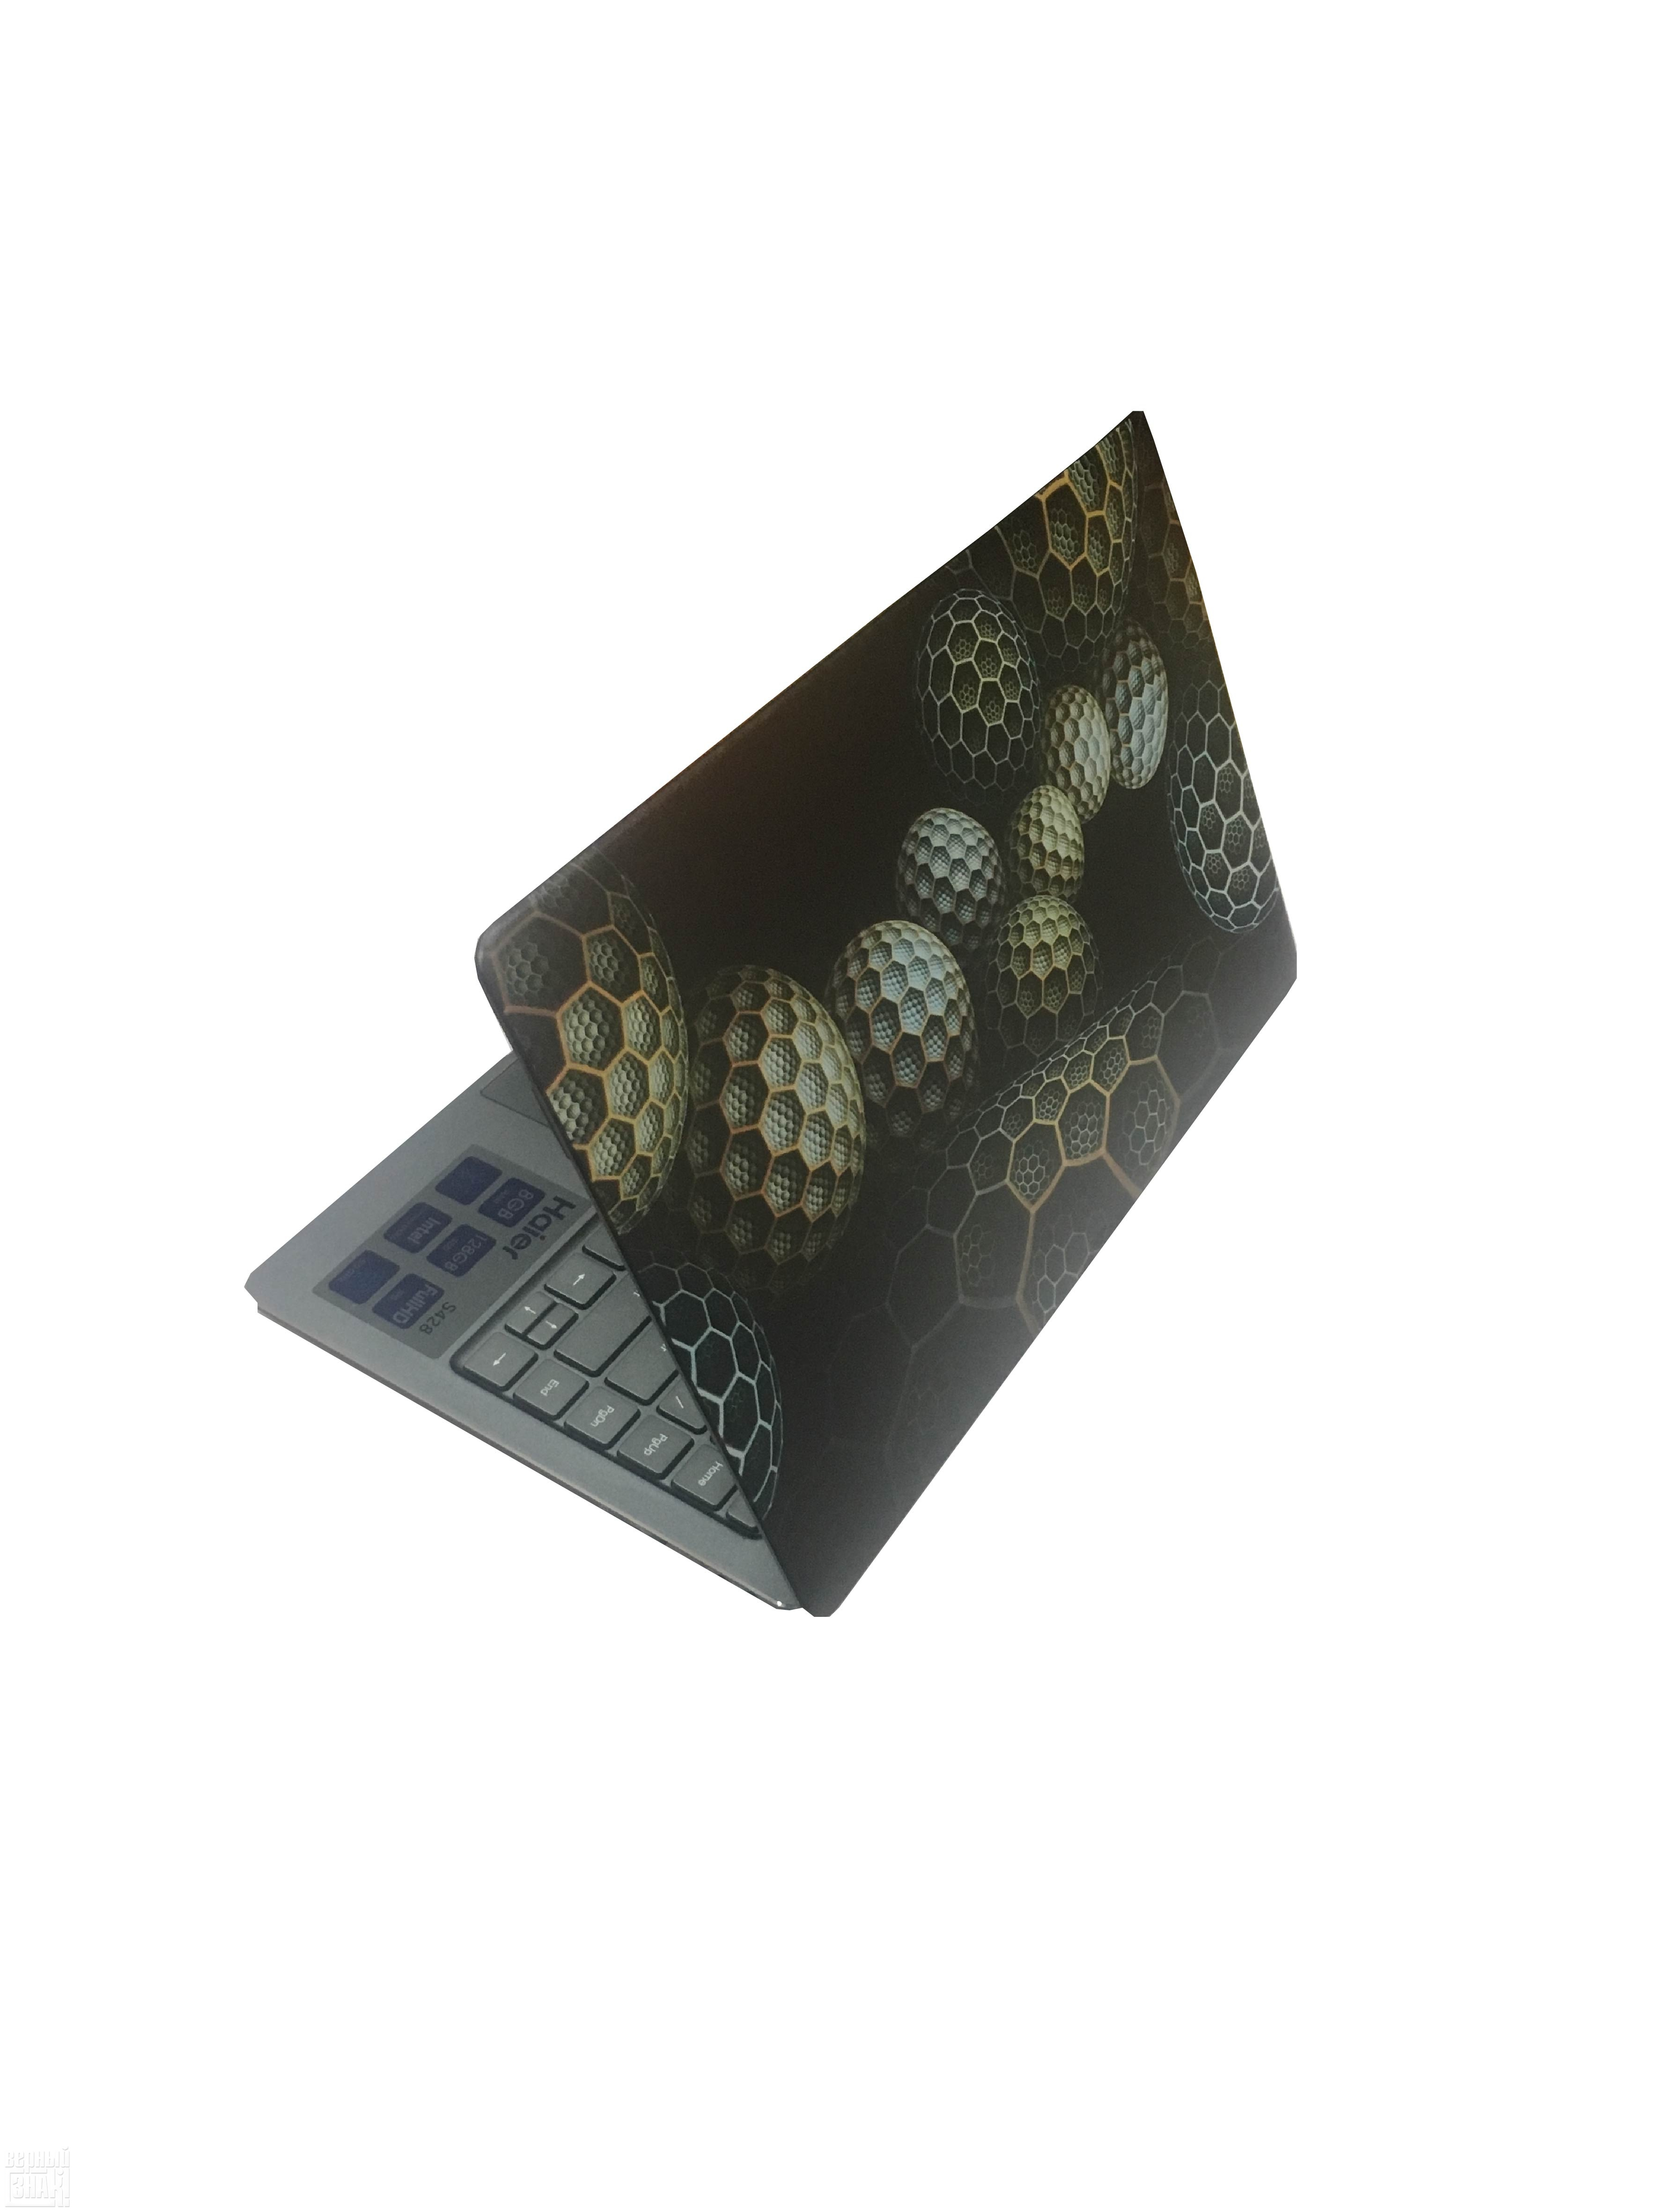 УФ печать на корпусе ноутбука